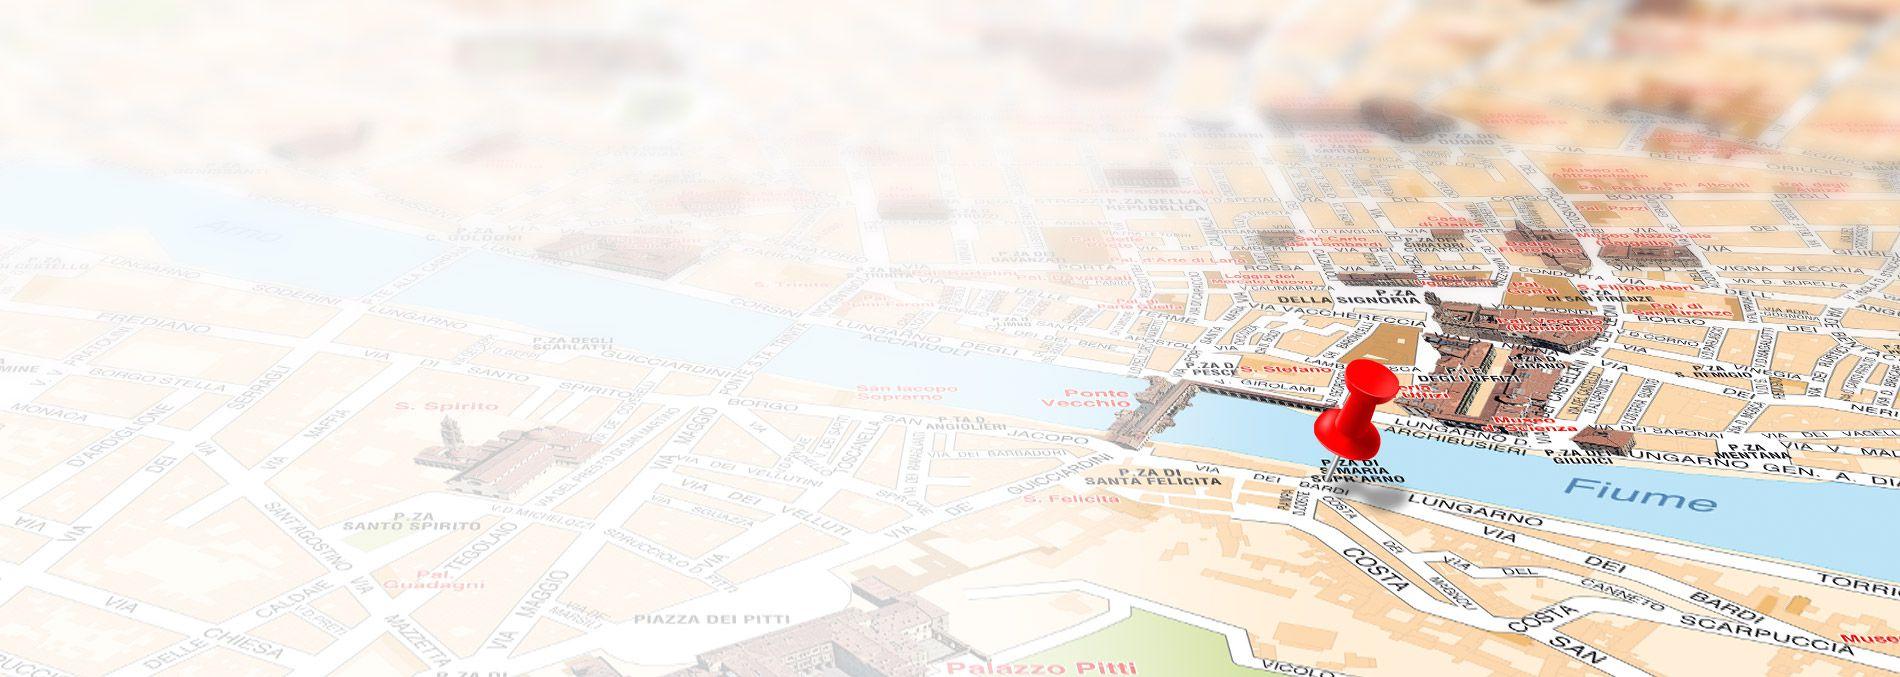 Mappe Digitali E Cartografia Da Stampare Edimap